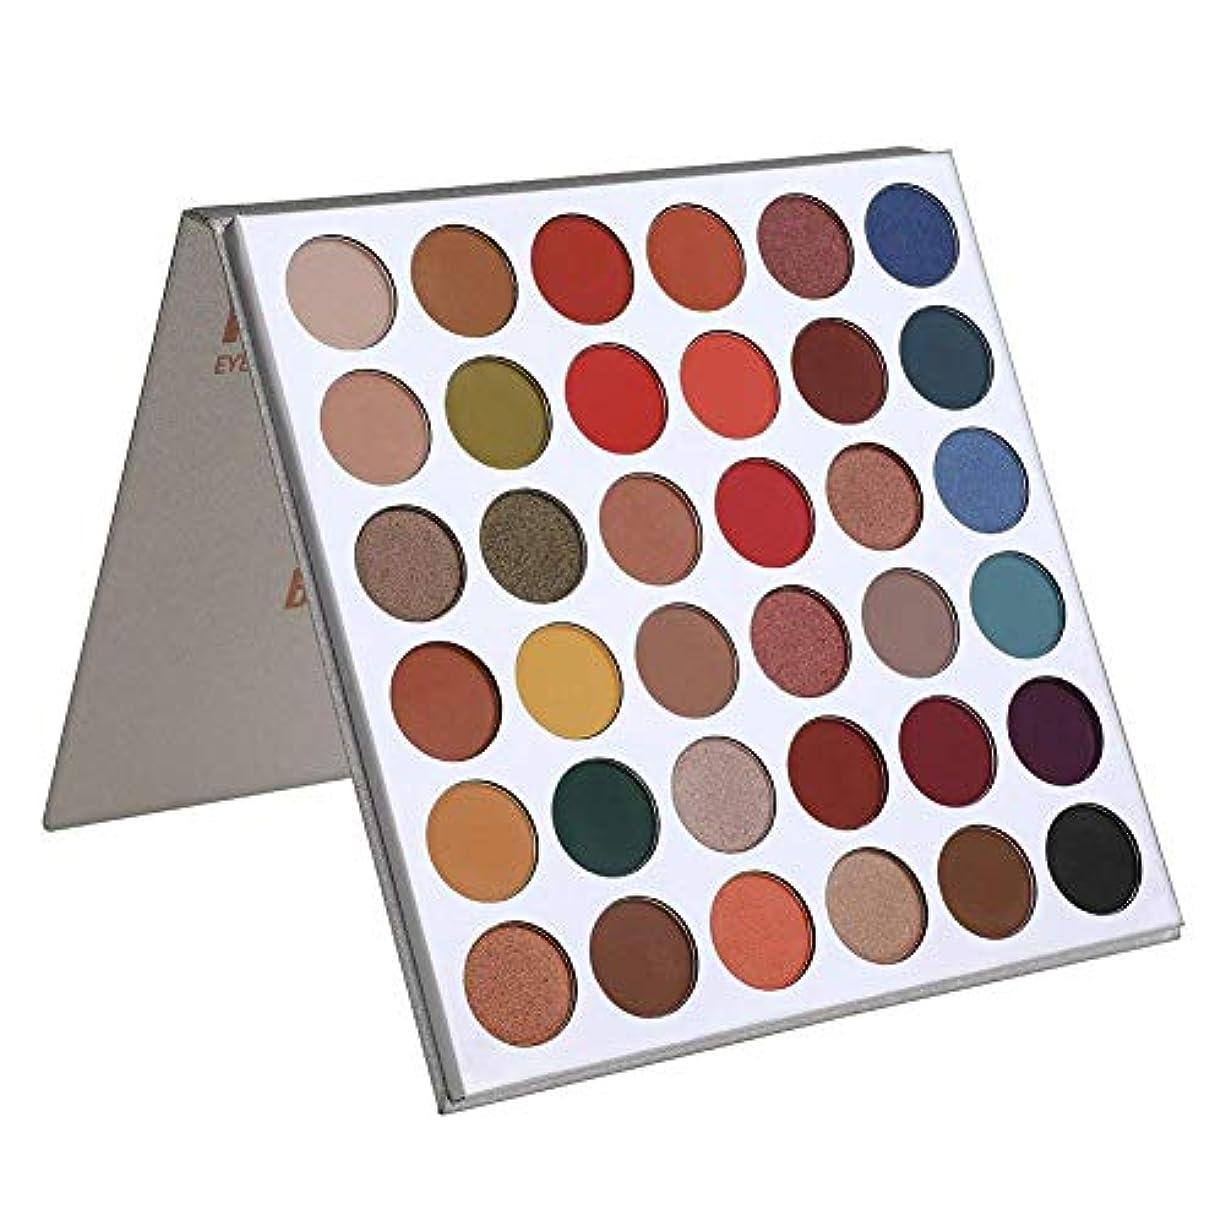 対たとえ白鳥Brill(ブリーオ)最高のプロアイシャドウマットパレットメイクアイシャドウプロフェッショナル完璧なファイル暖かいナチュラルニュートラルスモーキーパレットアイメイクアップシルキーパウダー化粧品36色